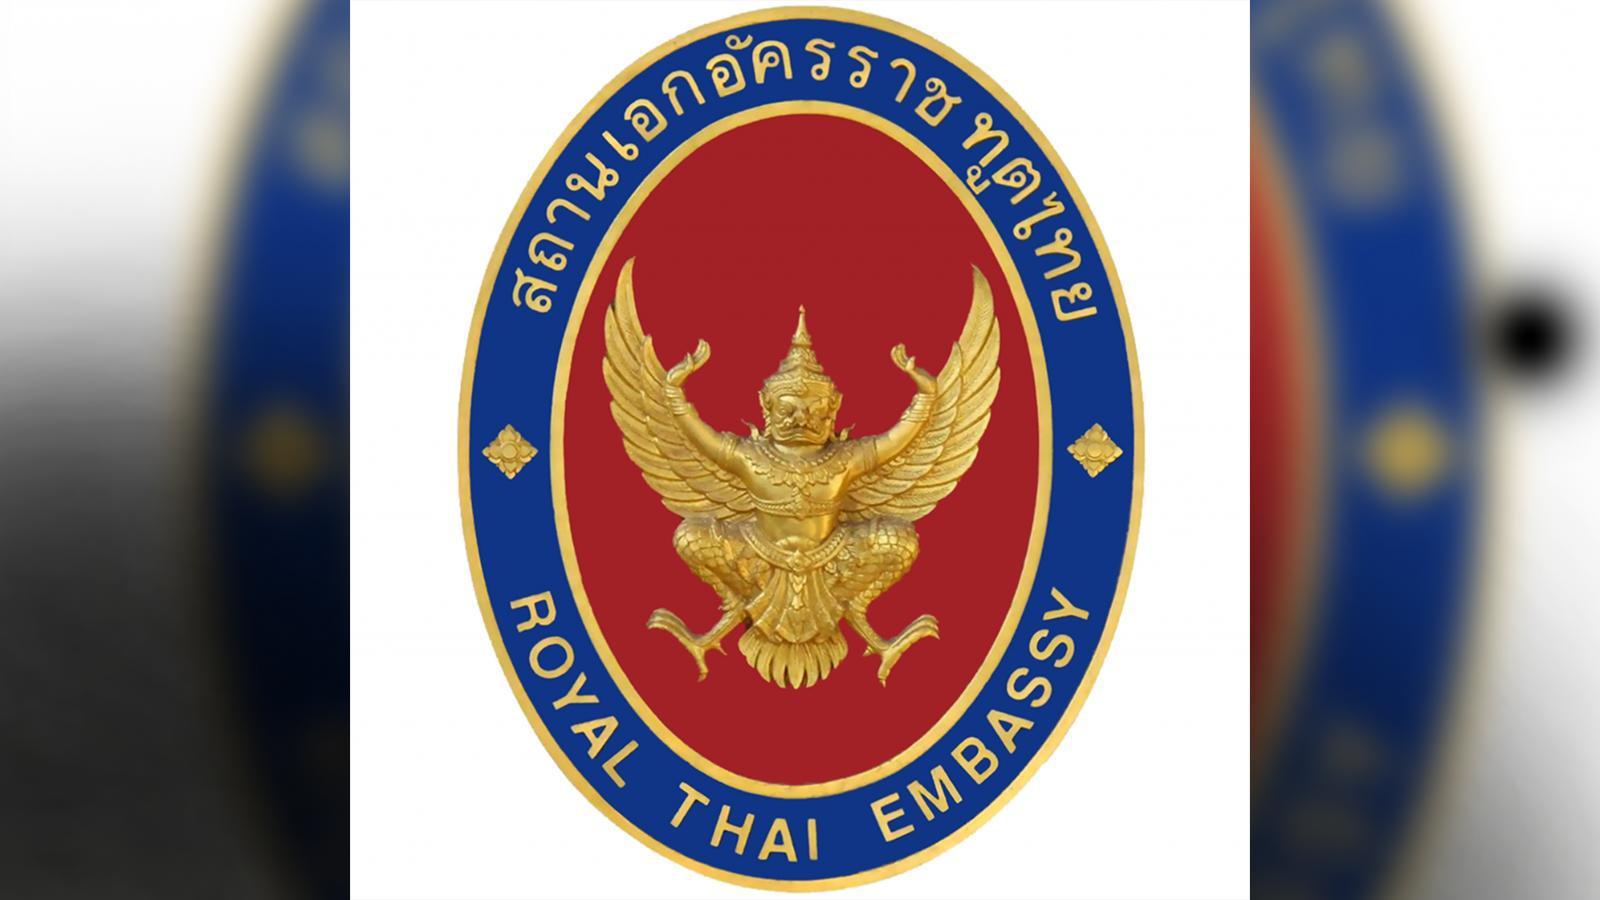 สถานทูตฯ ยืนยัน นักศึกษาไทยในอียิปต์ ติดเชื้อ โควิด-19 เสียชีวิต 1 ราย